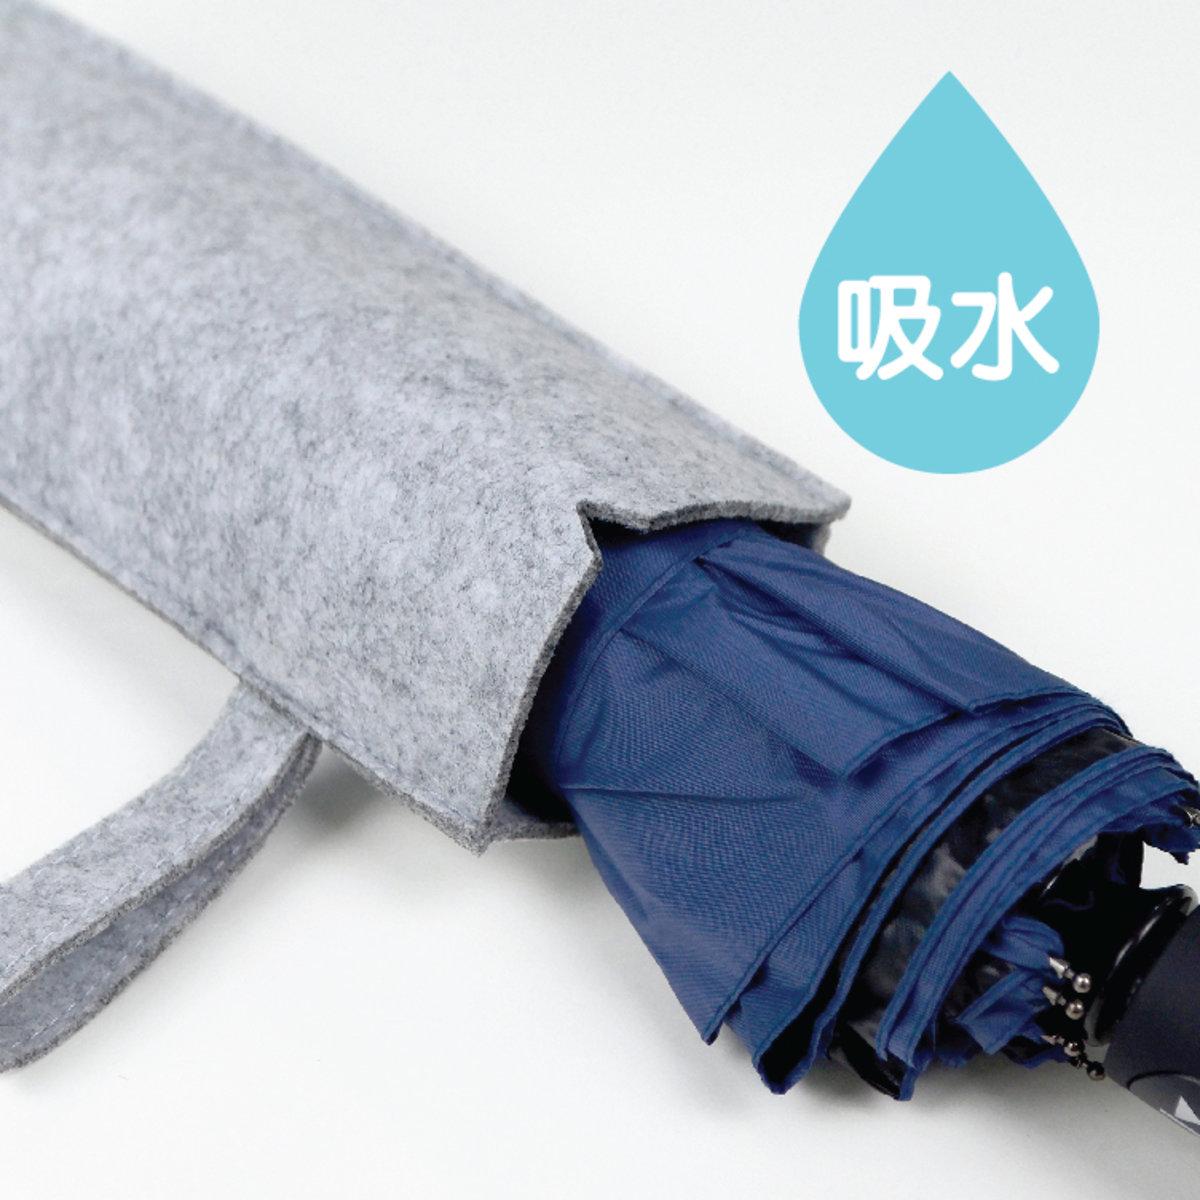 Absorbent Umbrella Bag